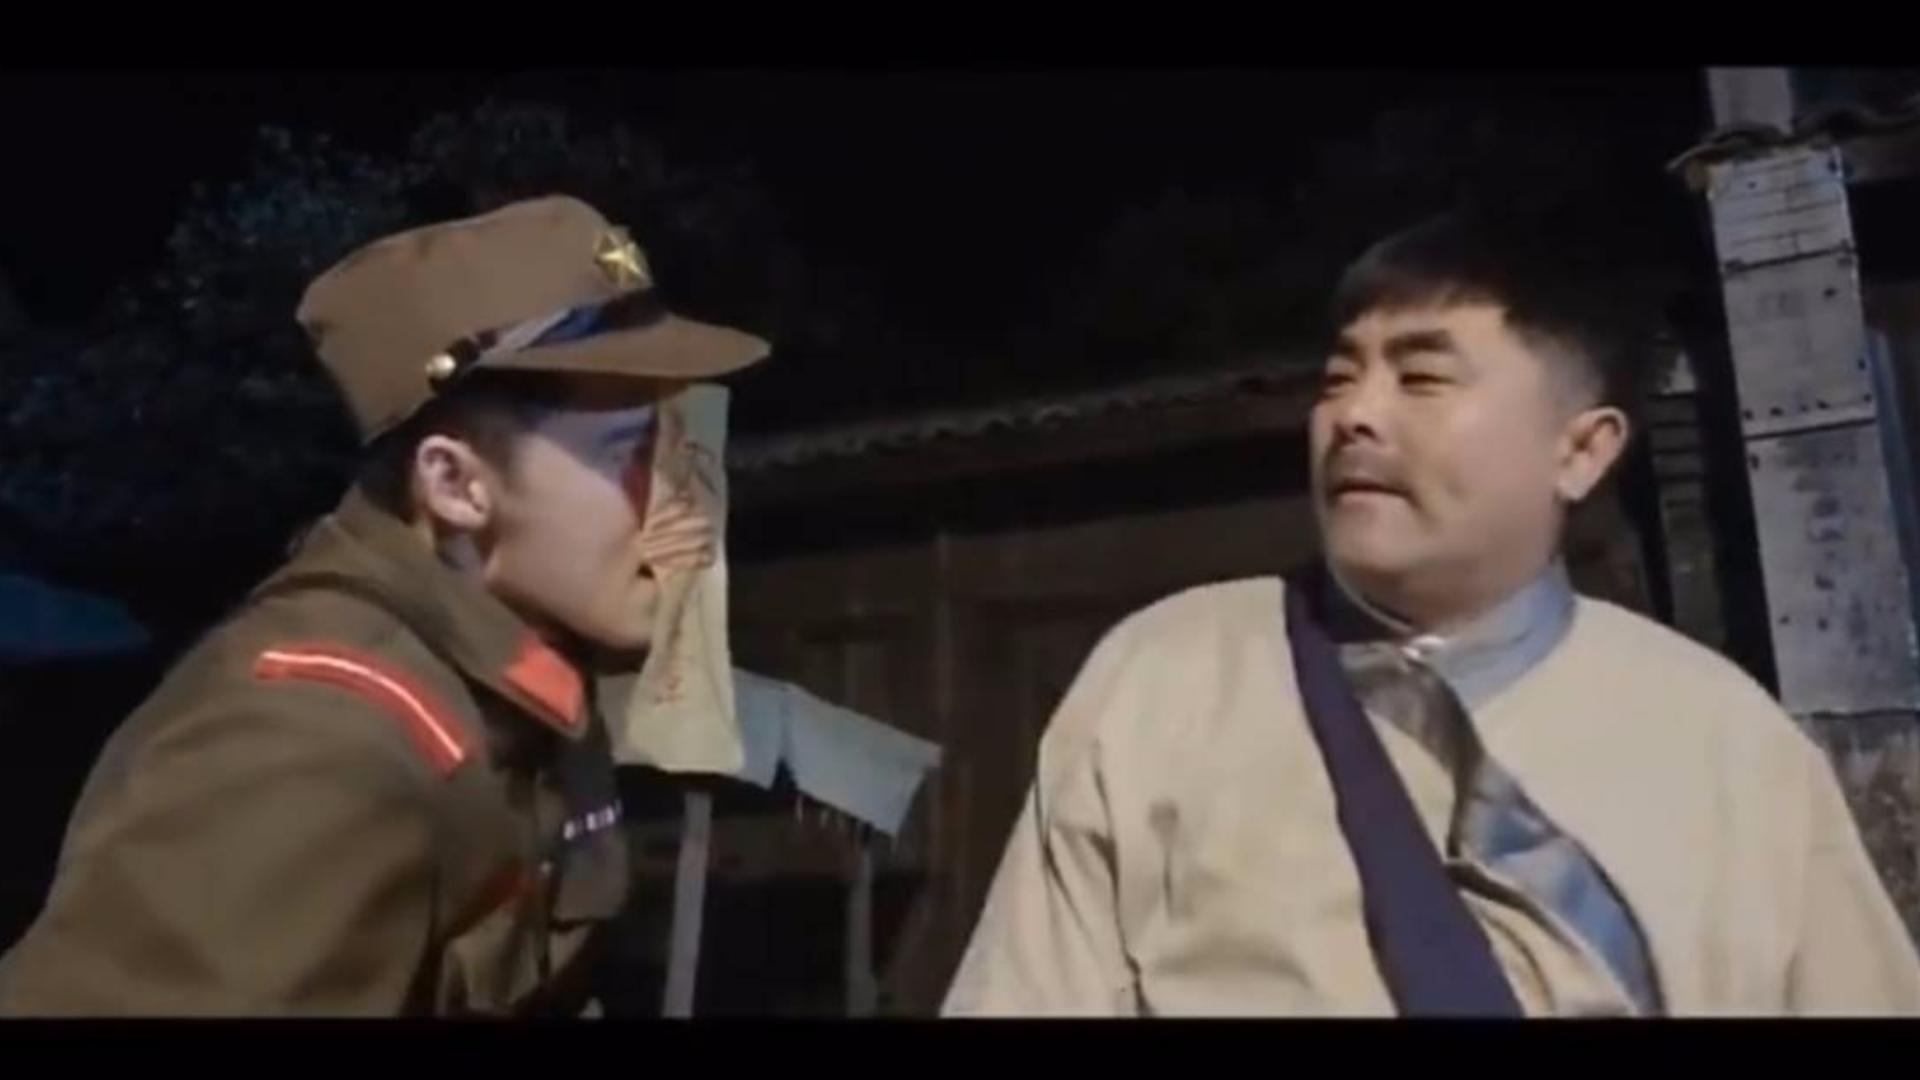 【抗日神镜头 僵尸鬼子】日本鬼子变成僵尸了,镇妖符,贴上!!